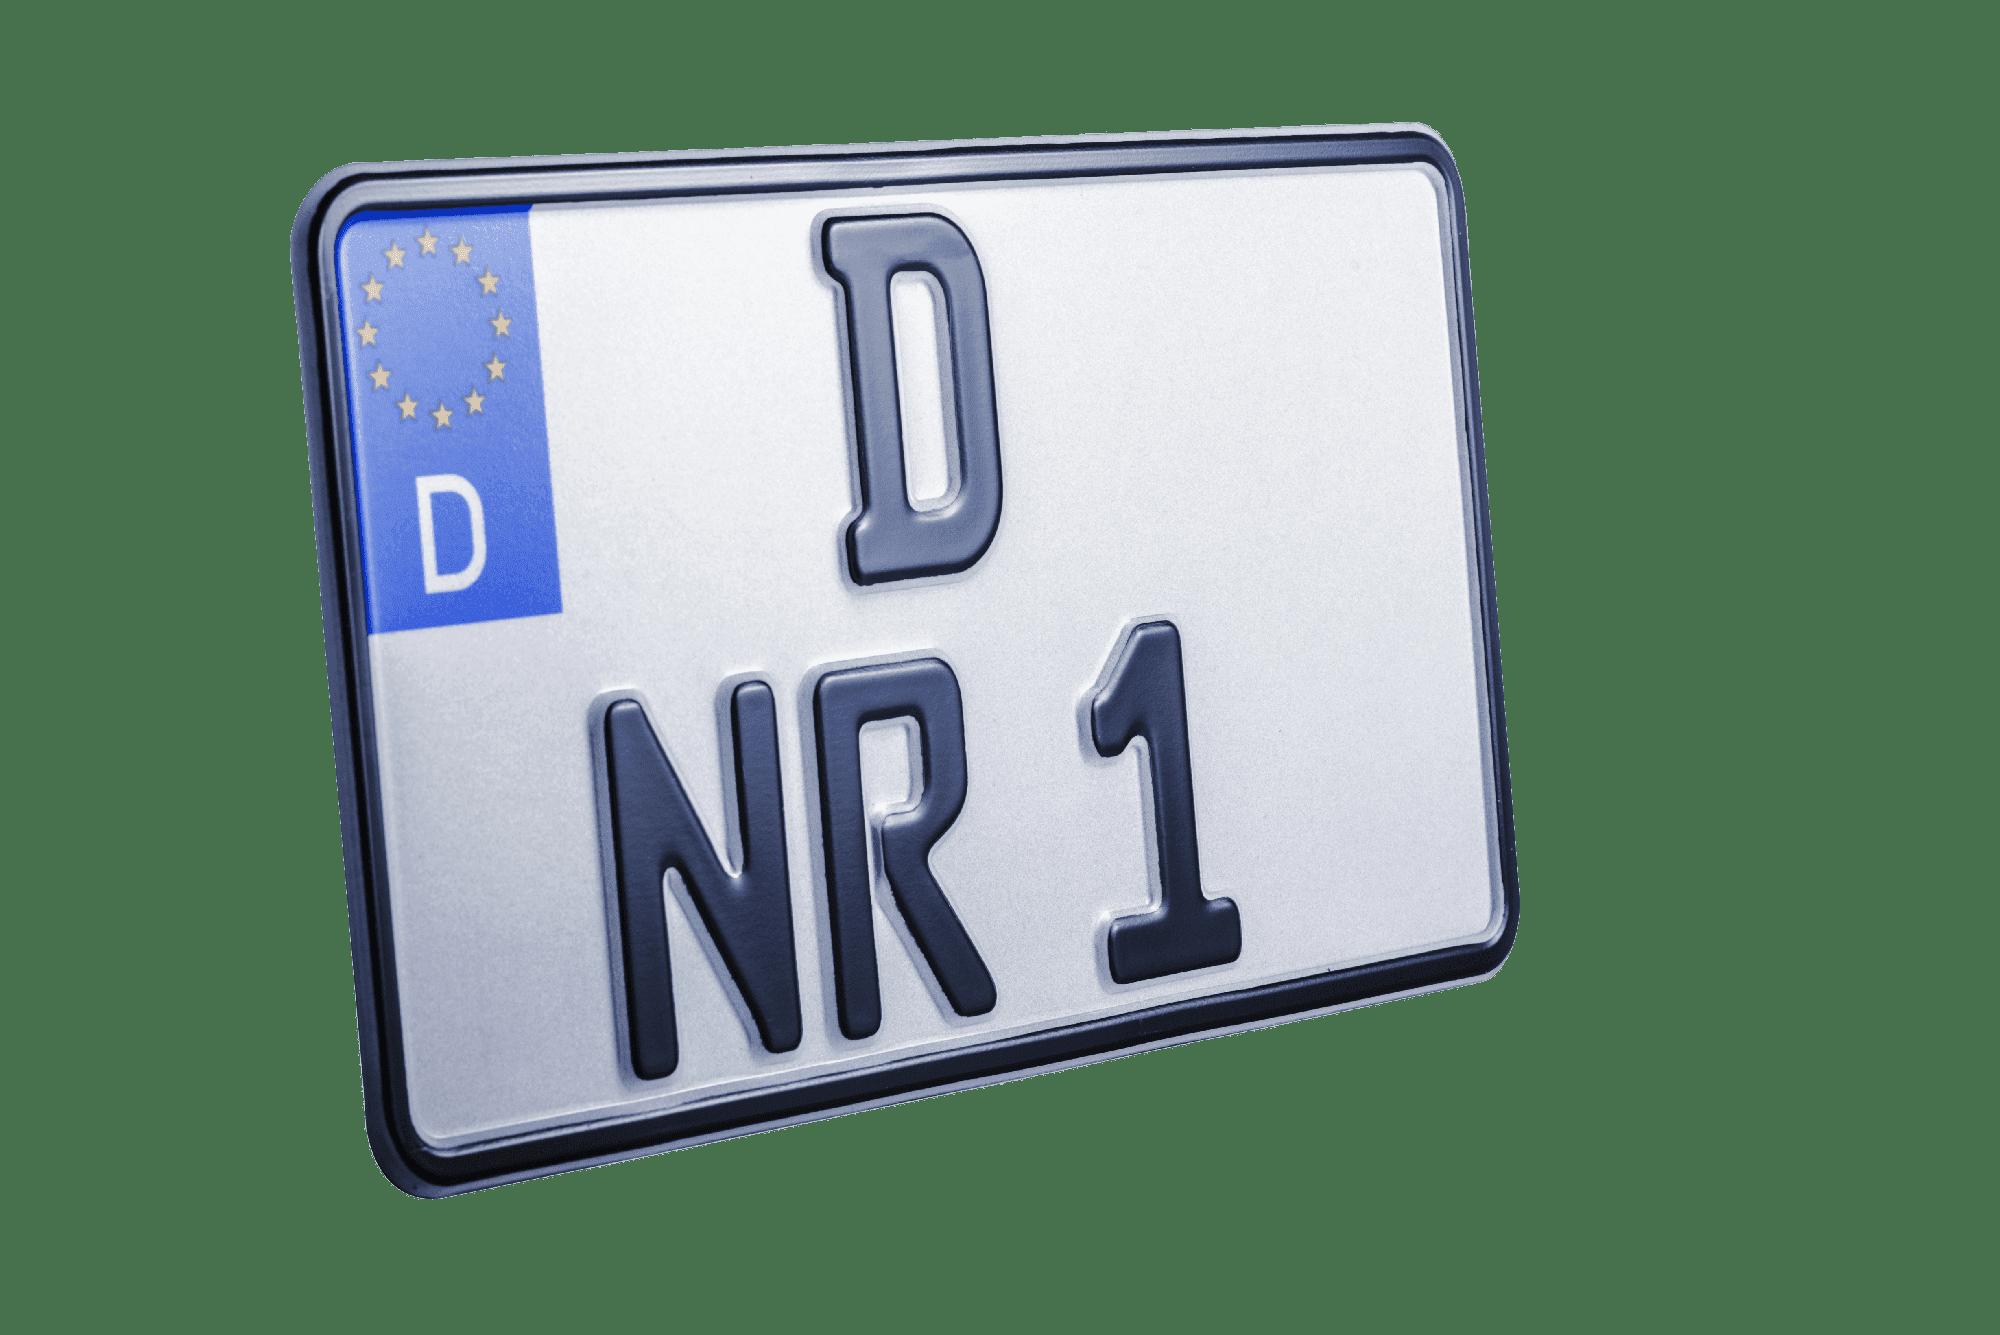 125er und 80er Leichtkraftrad-Kennzeichen online bestellen